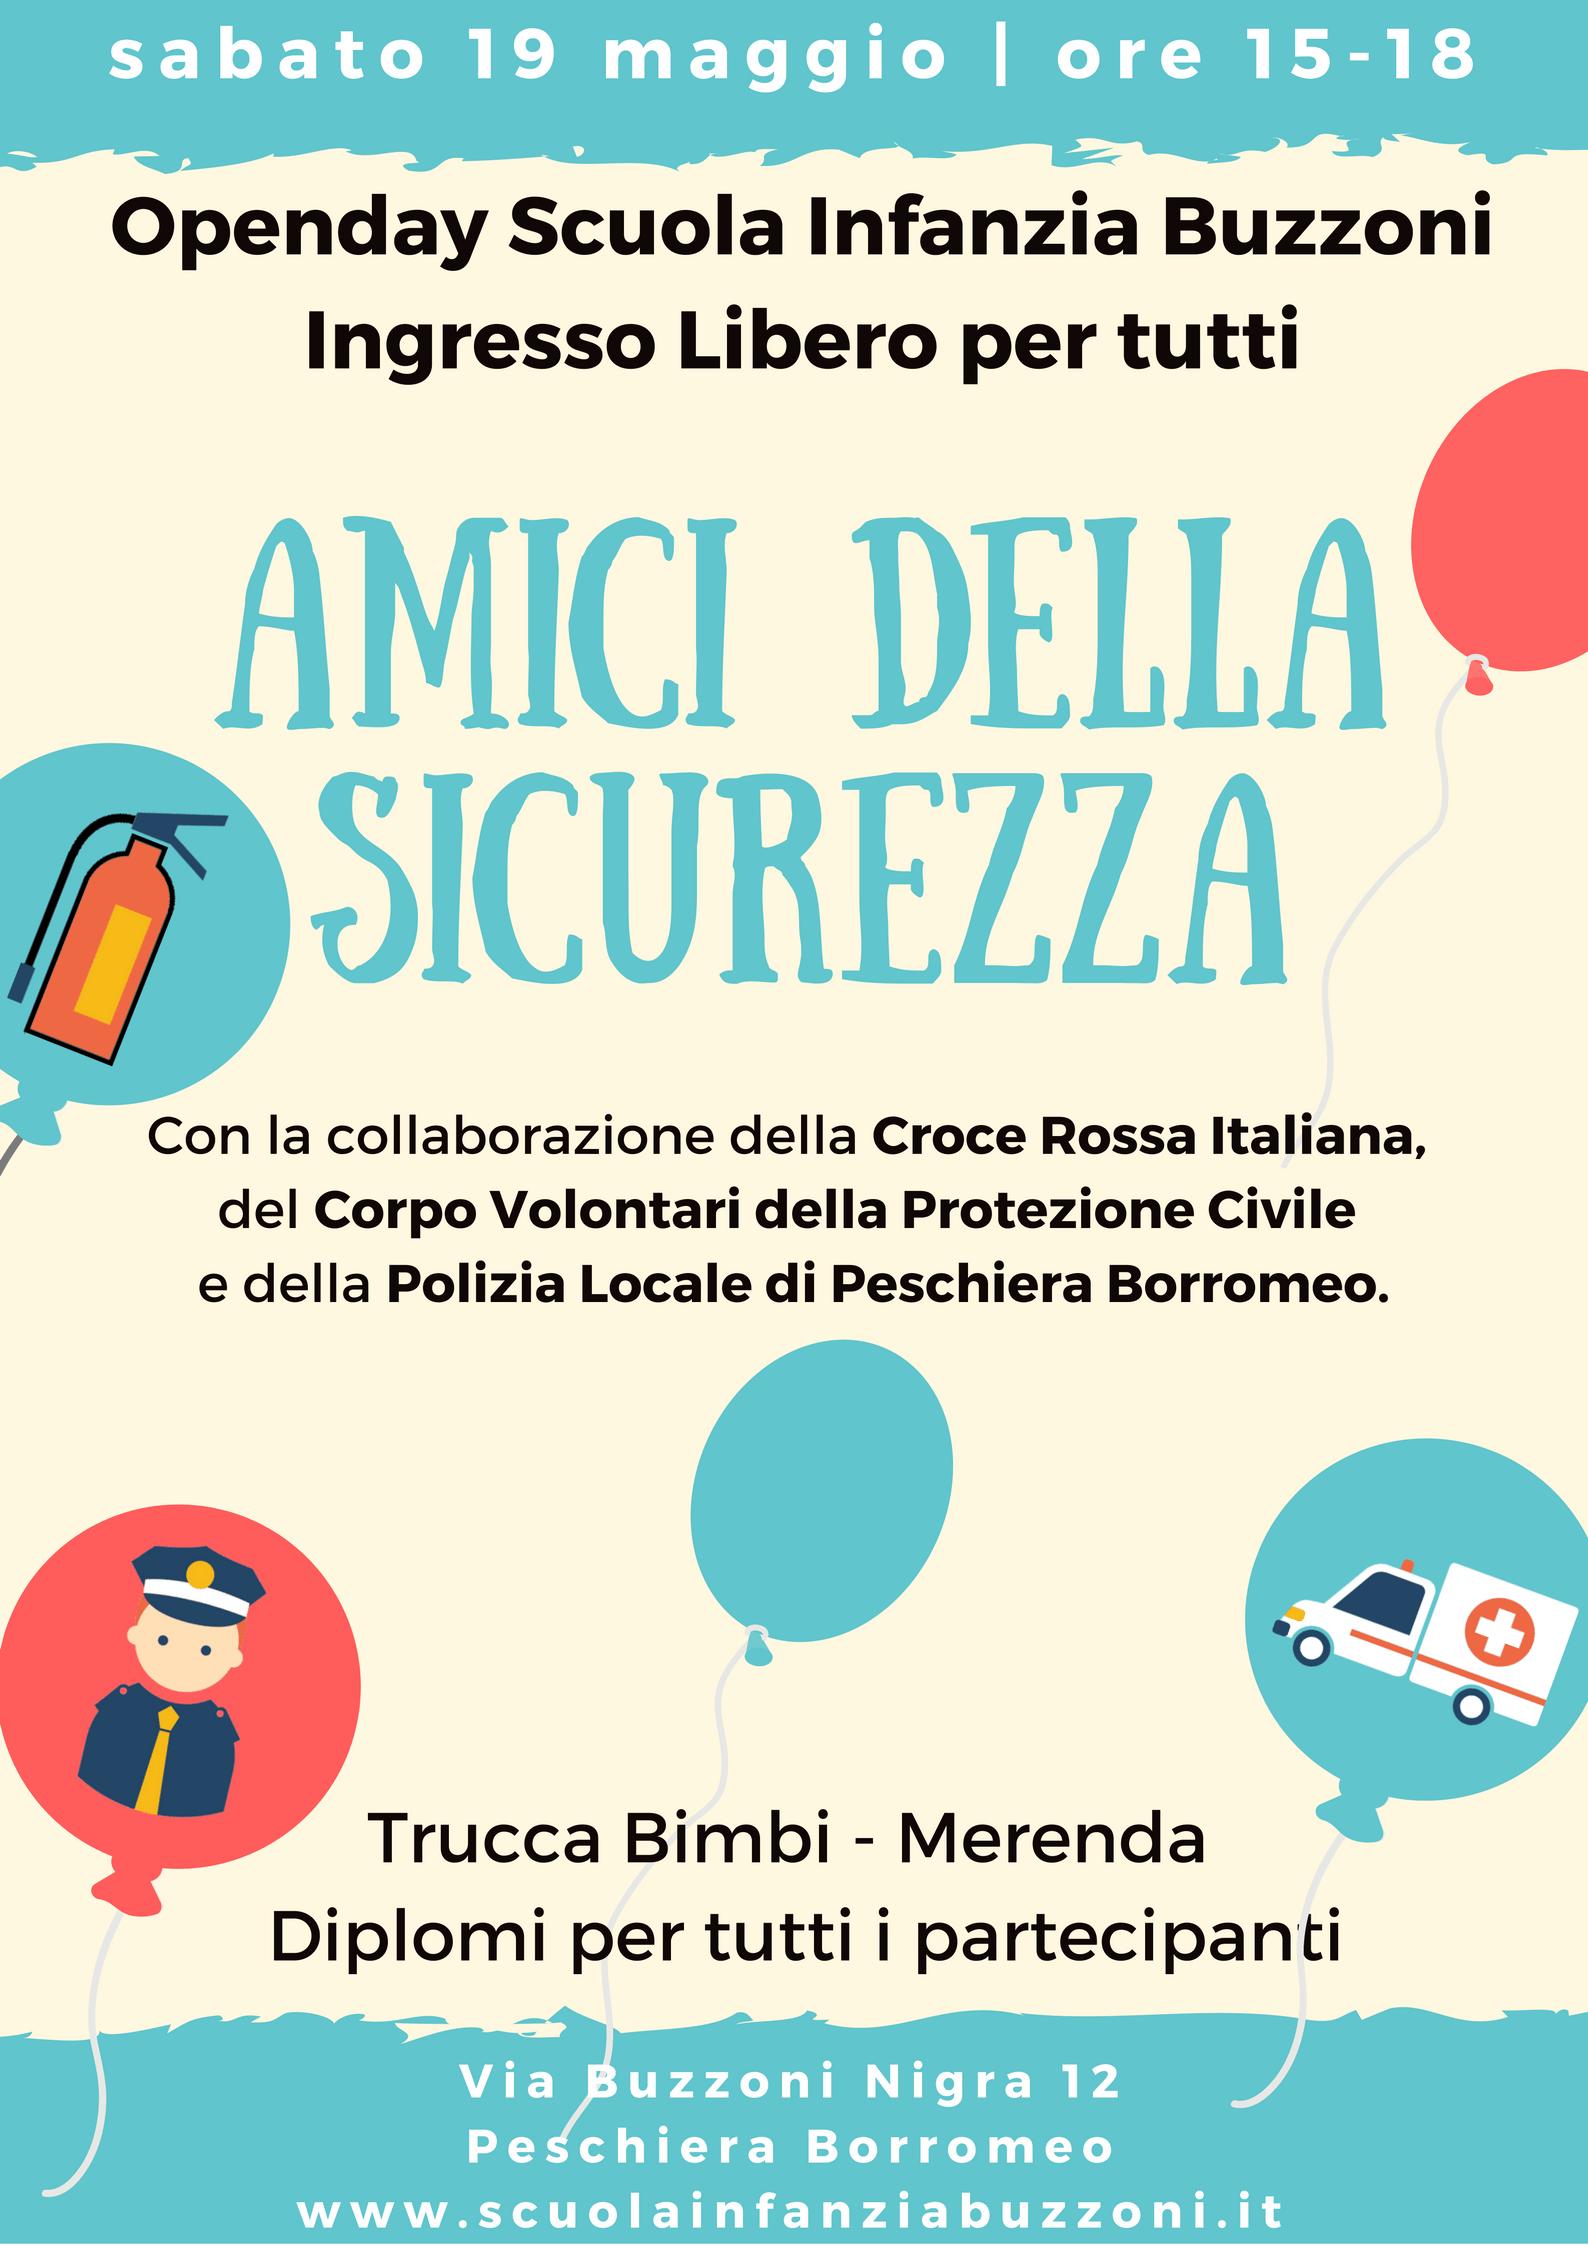 Openday - sabato 19 maggio ore 15-18 - Scuola Materna Peschiera Borromeo